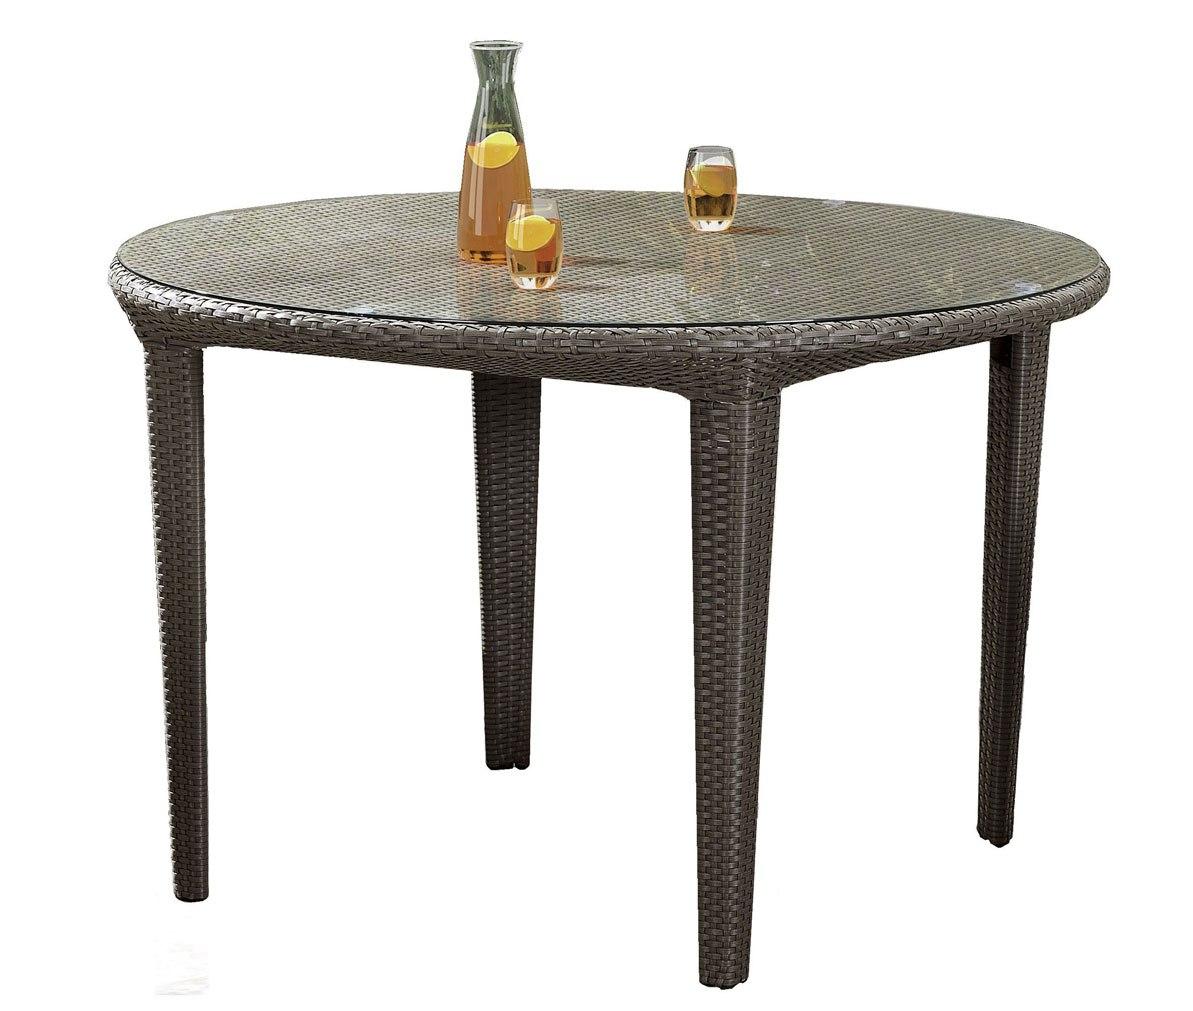 Стол из ротанга КасабланкаПлетеная мебель из искусственного ротанга<br>Размер: 120х120 В76<br><br>Артикул: 619372<br>Материалы: Искусственный ротанг, стекло закаленное - 5 мм<br>Каркас: Алюминий<br>Полный размер (ДхГхВ): 120х120 В76<br>Цвет: Серо-коричневый<br>Изготовление и доставка: 2-3 дня<br>Условия доставки: Бесплатная по Москве до подъезда<br>Условие оплаты: Оплата наличными при получении товара<br>Производство: Китай<br>Производитель: 4sis